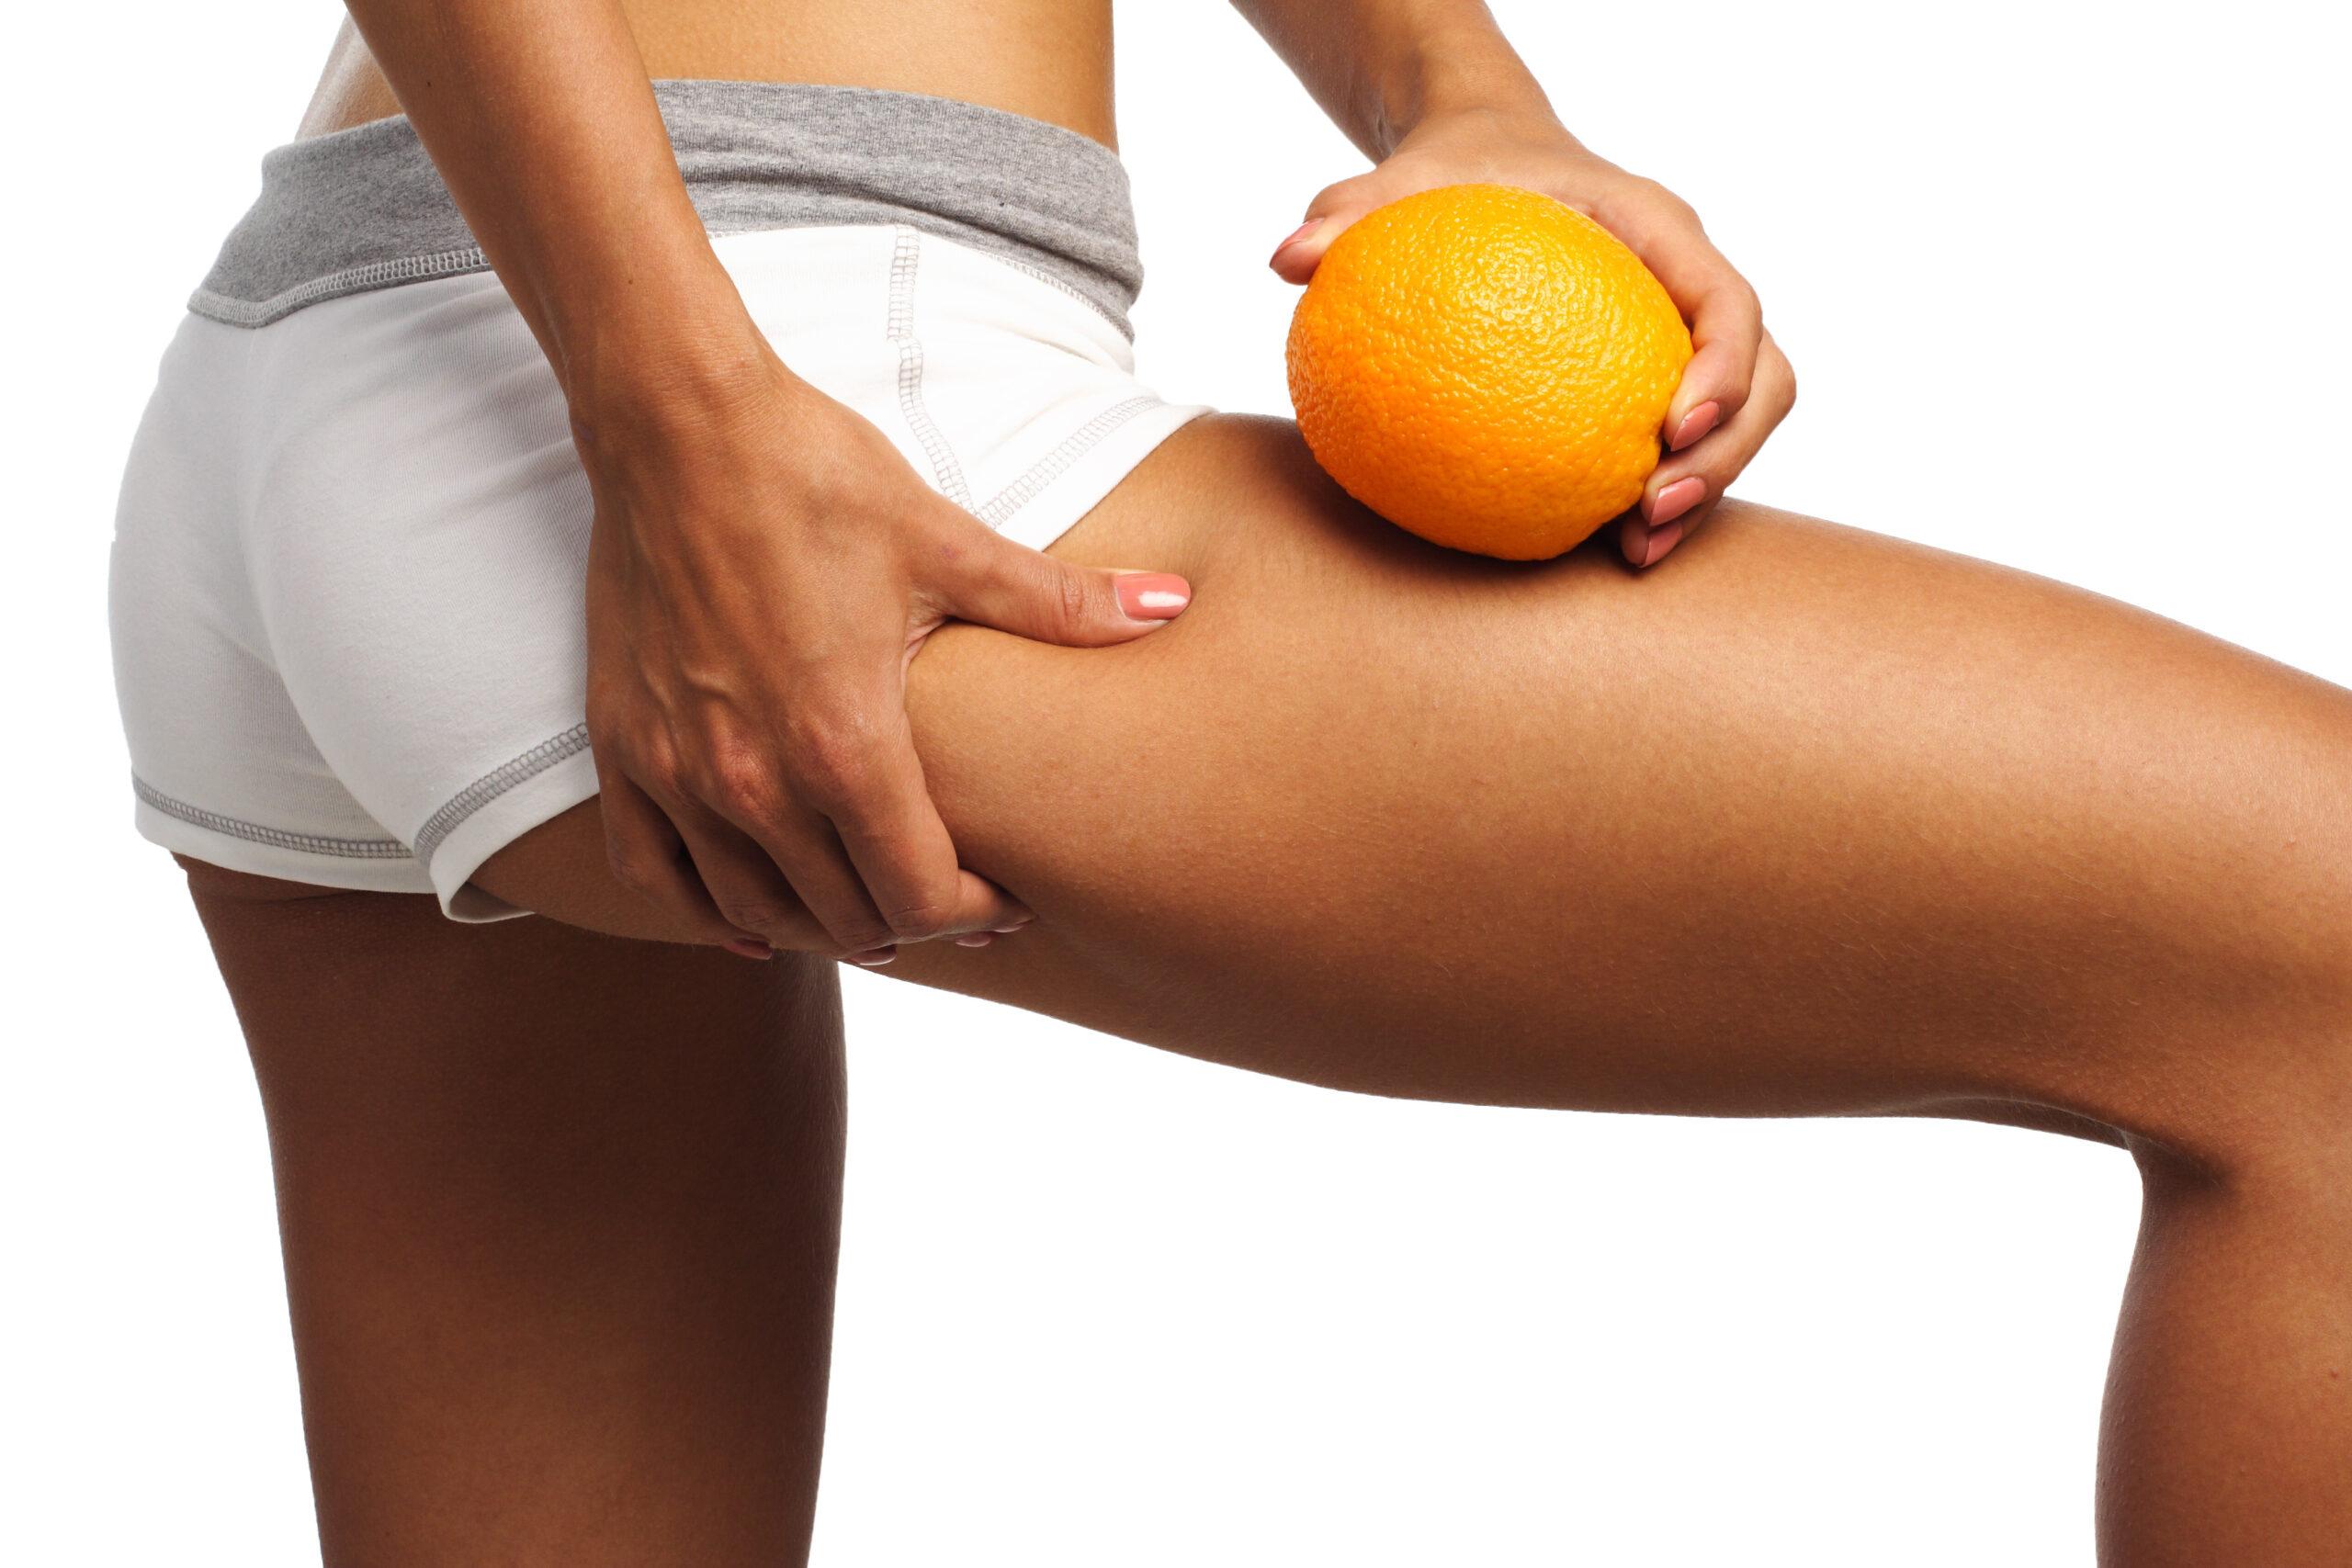 20 способов как избавиться от целлюлита в домашних условиях и убрать целлюлит на ногах и попе с помощью упражнений, питания и народными средствами